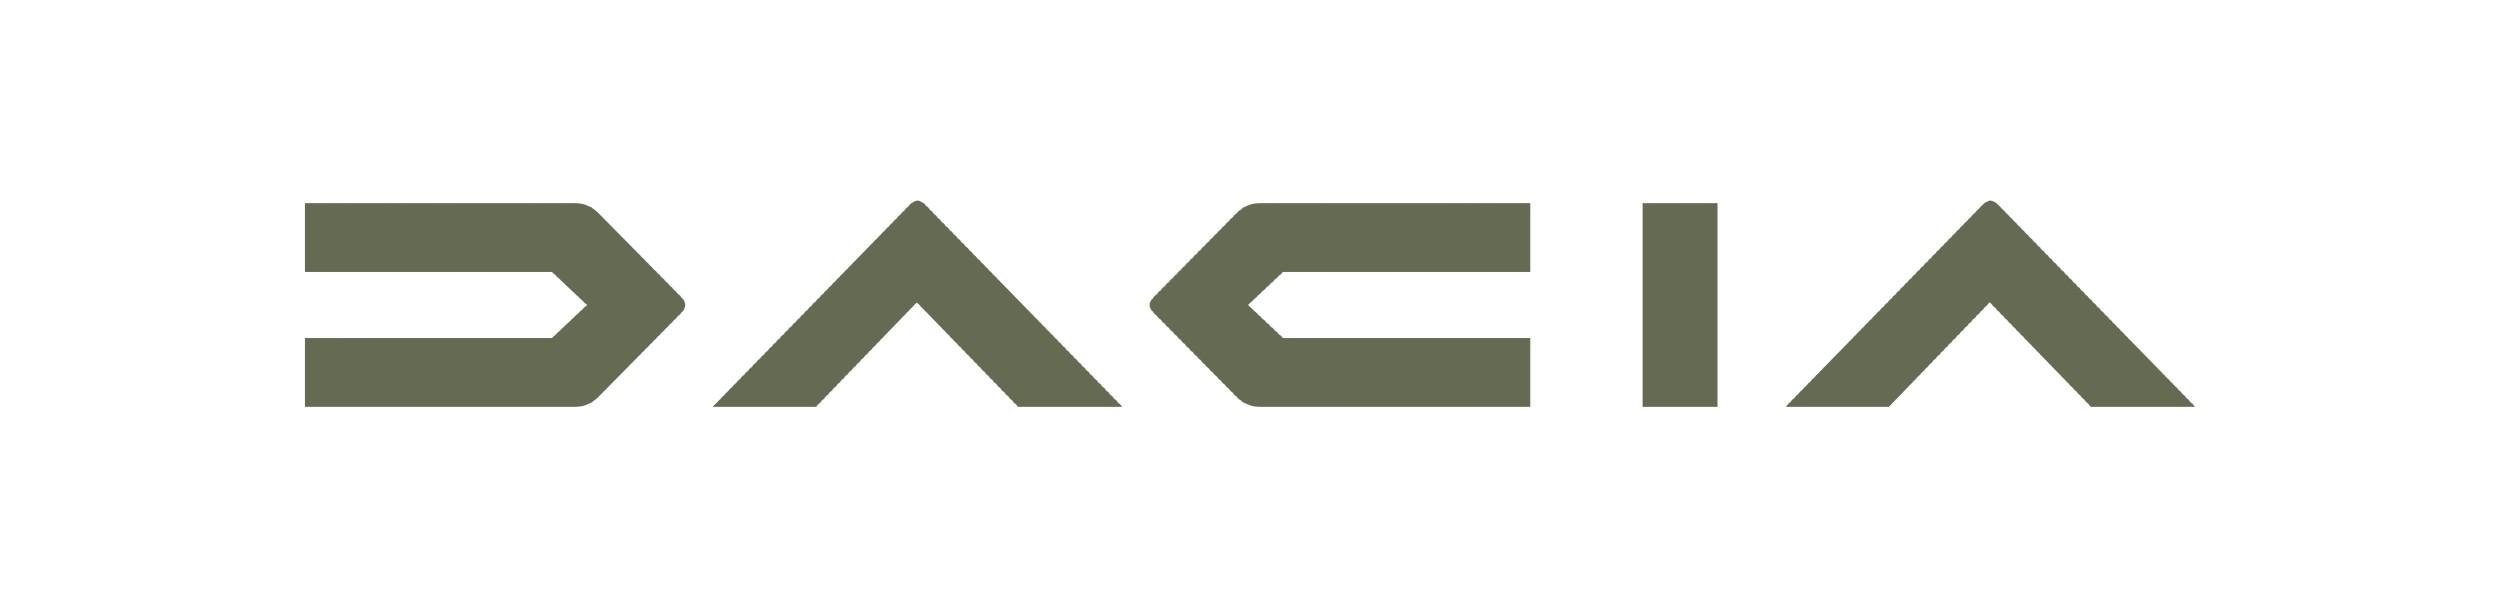 داسيا- شعار جديد